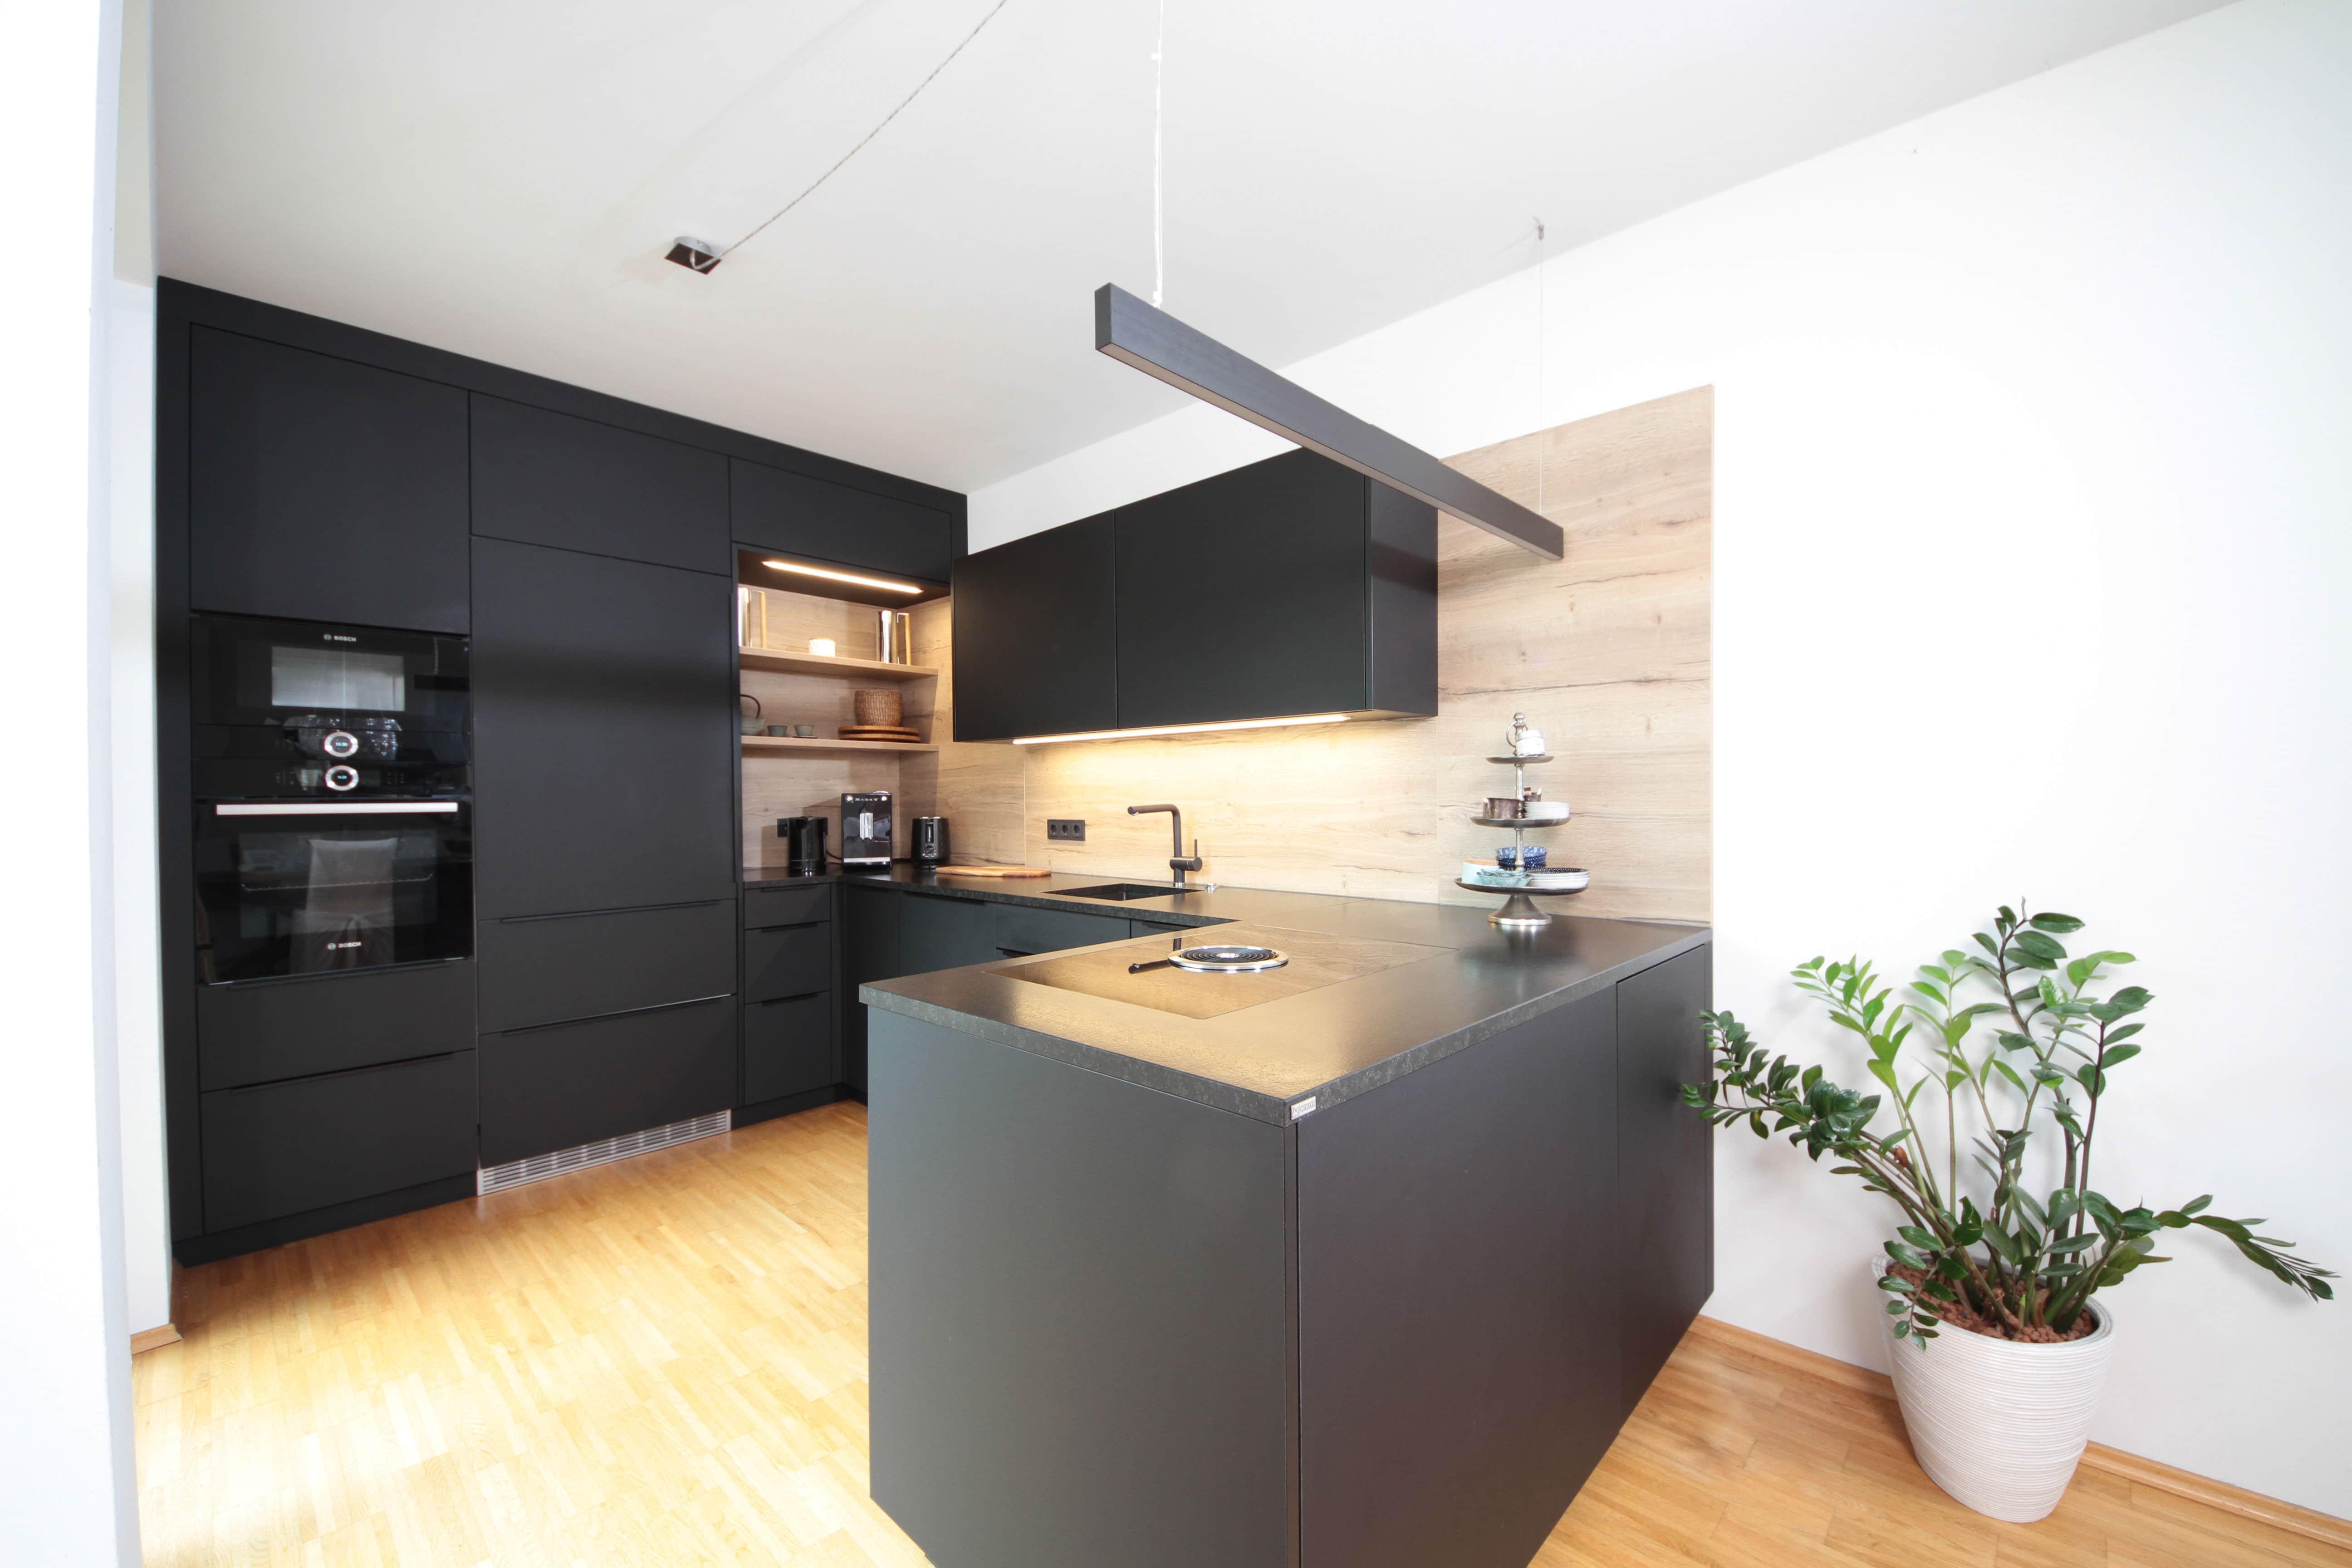 tischler f r k chen lassen kochtr ume wahr werden tischlerei winter. Black Bedroom Furniture Sets. Home Design Ideas